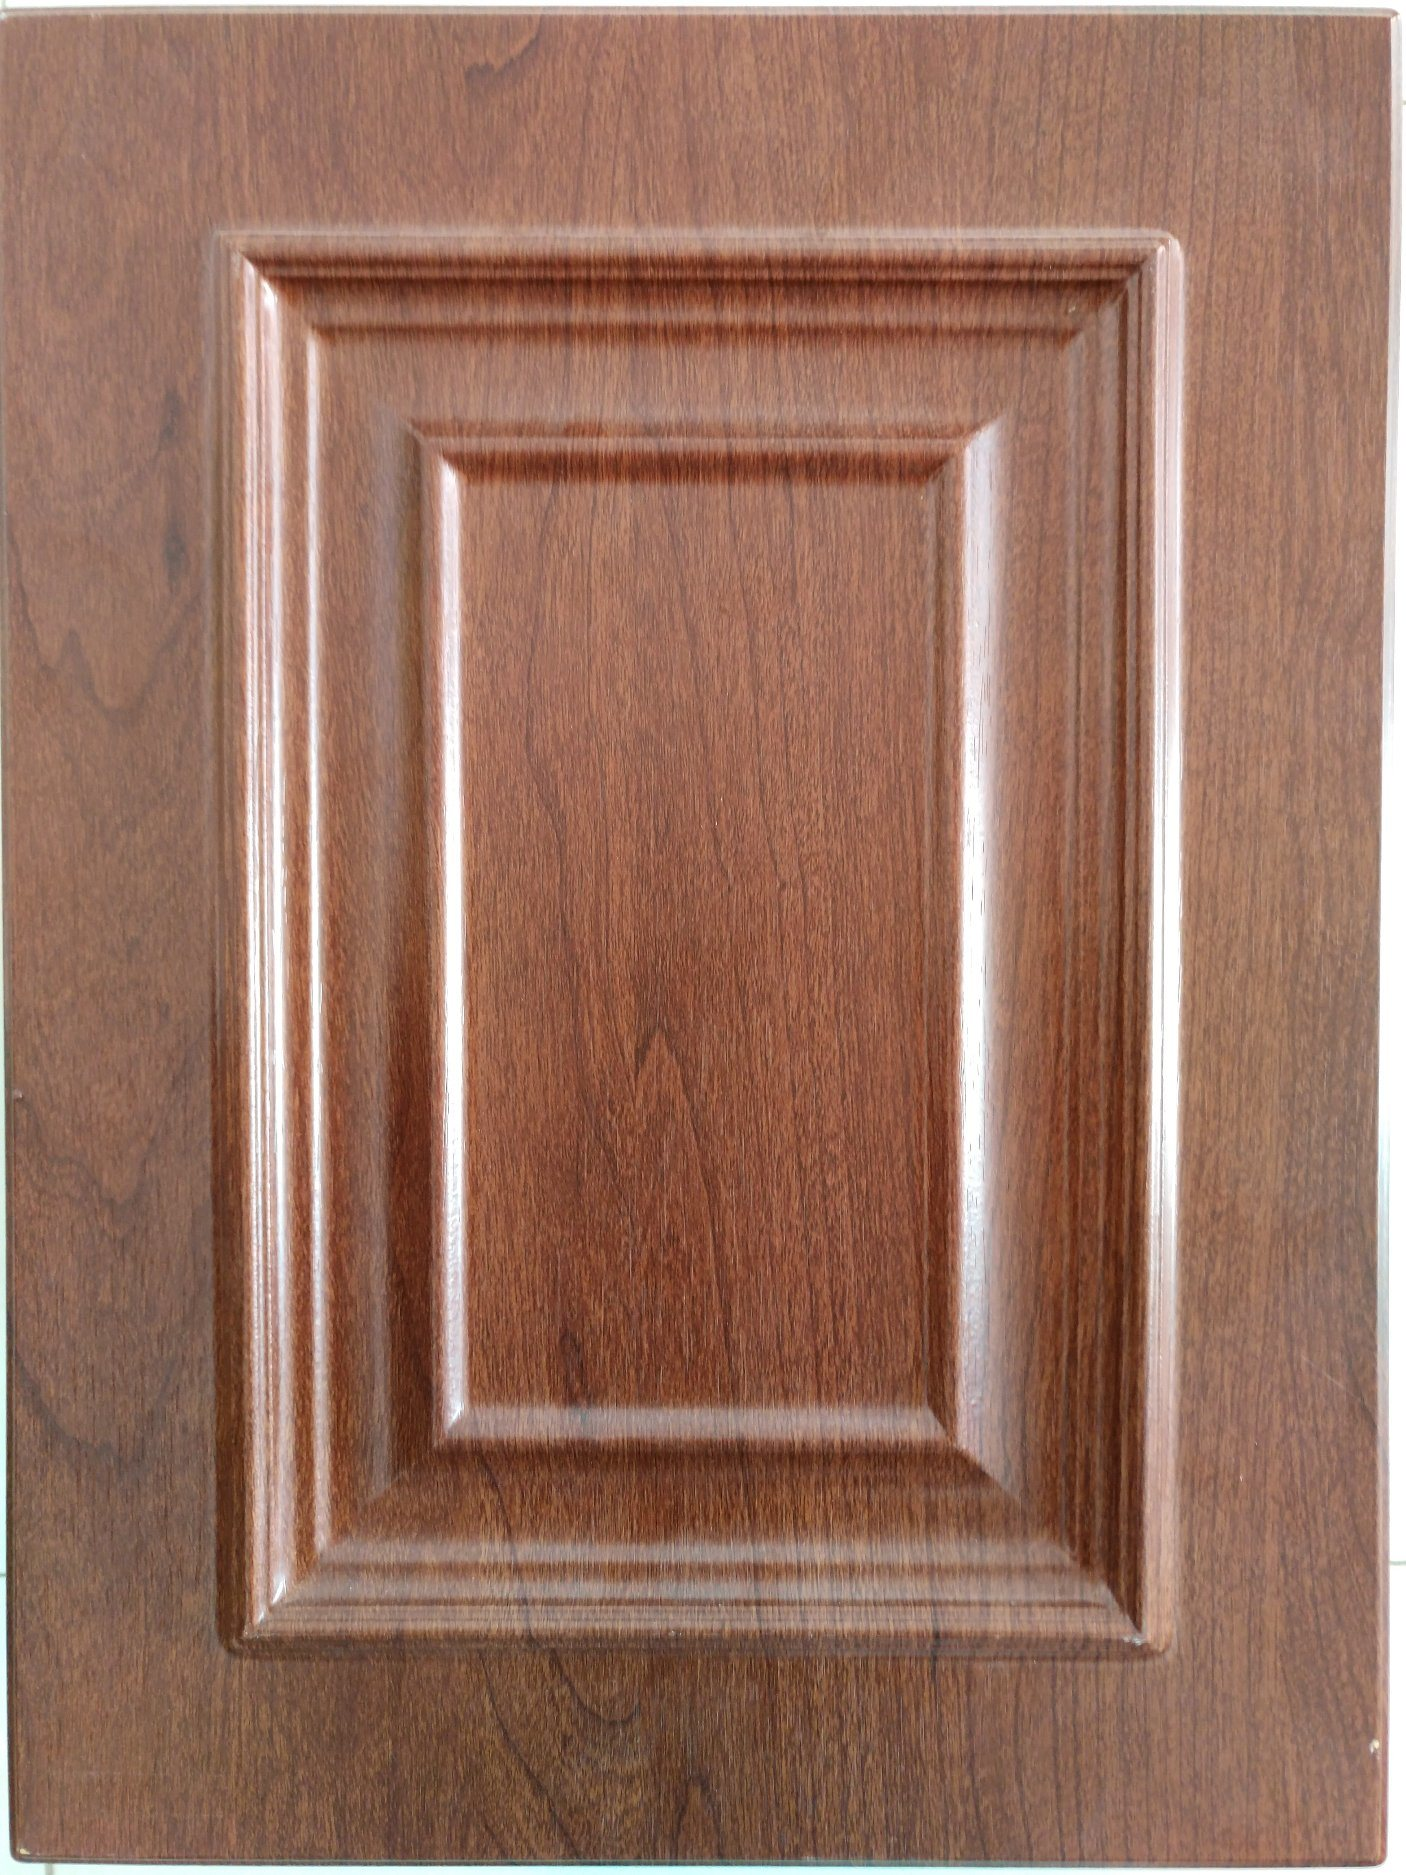 Wooden grain color mdf cabinet door